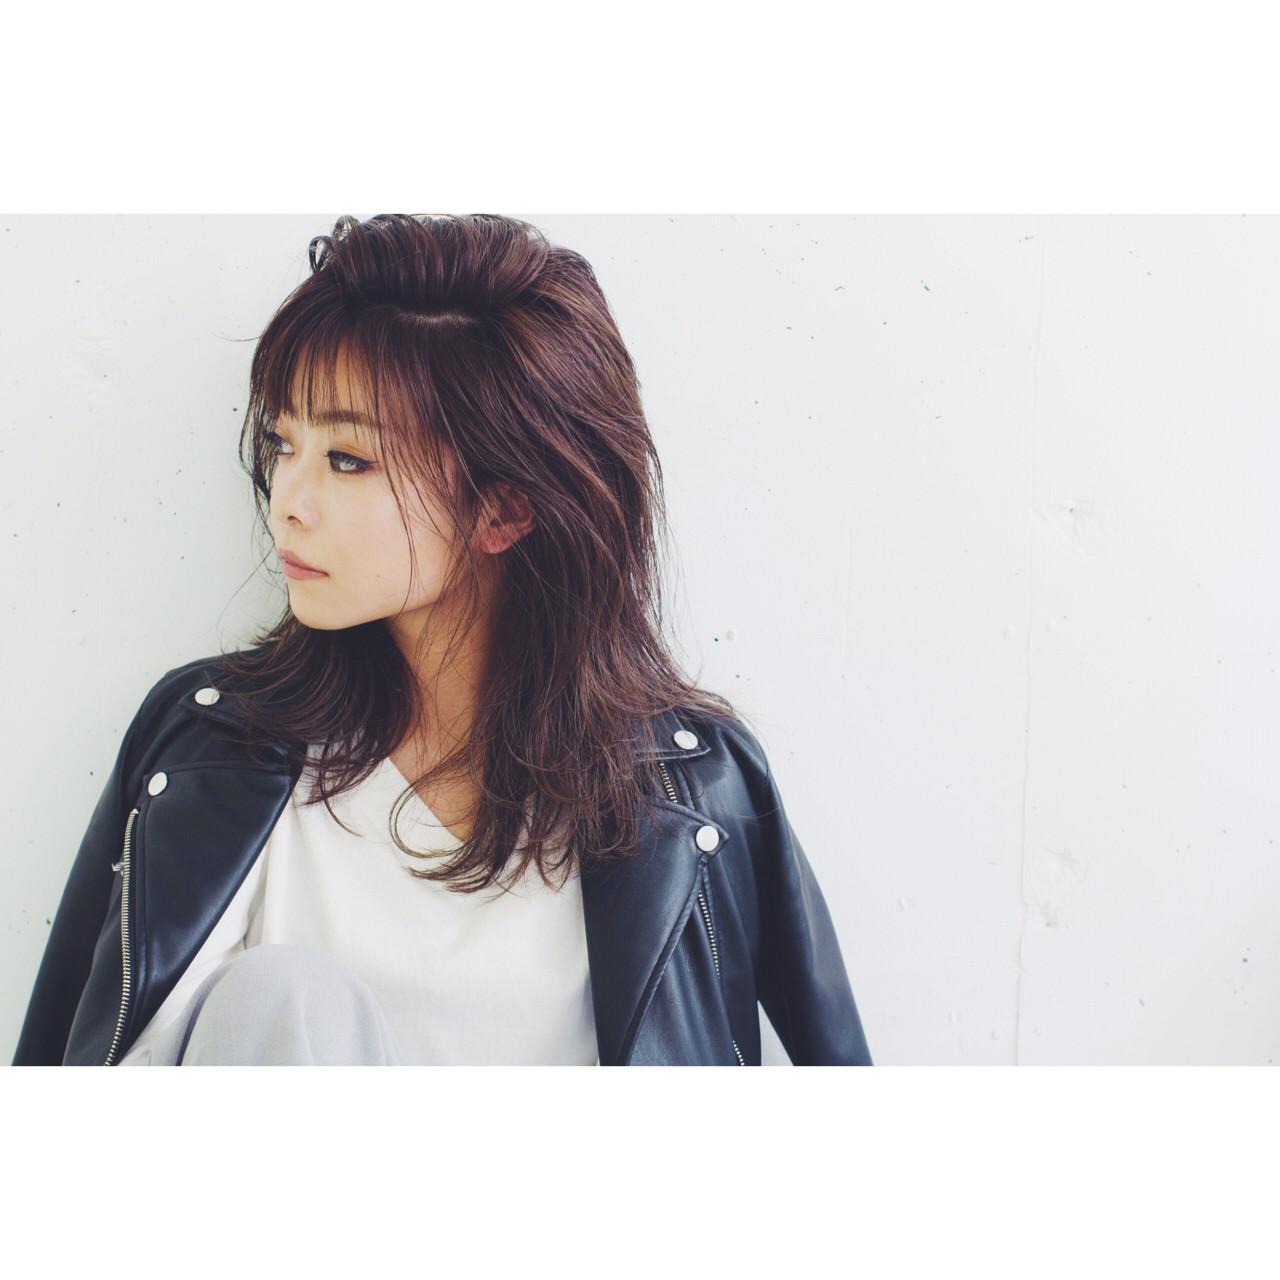 グラデーションカラー 暗髪 レイヤーカット ハイライト ヘアスタイルや髪型の写真・画像